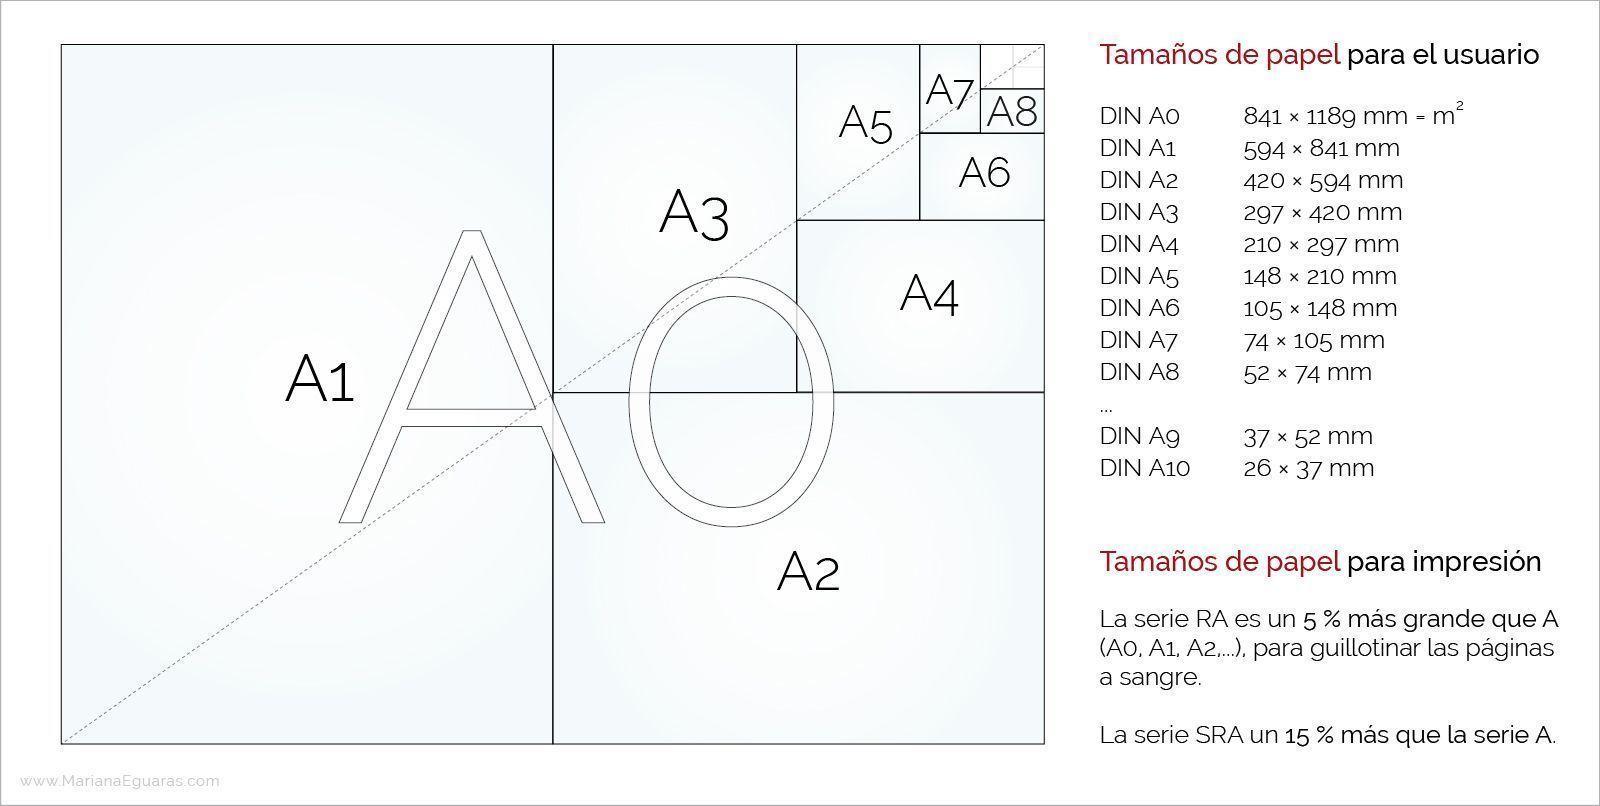 Tamaños de papel para la composición de libros - La composición de los tamaños DIN/ISO